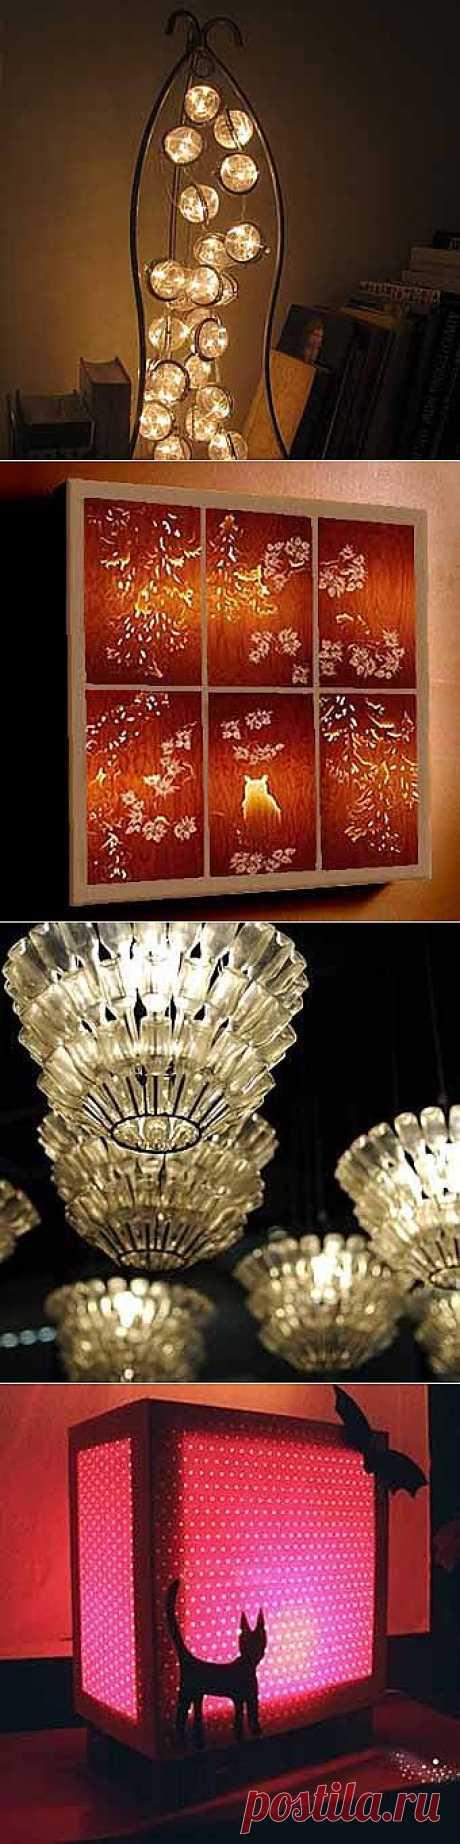 7 замечательных и необычных ламп своими руками - Учимся Делать Все Сами